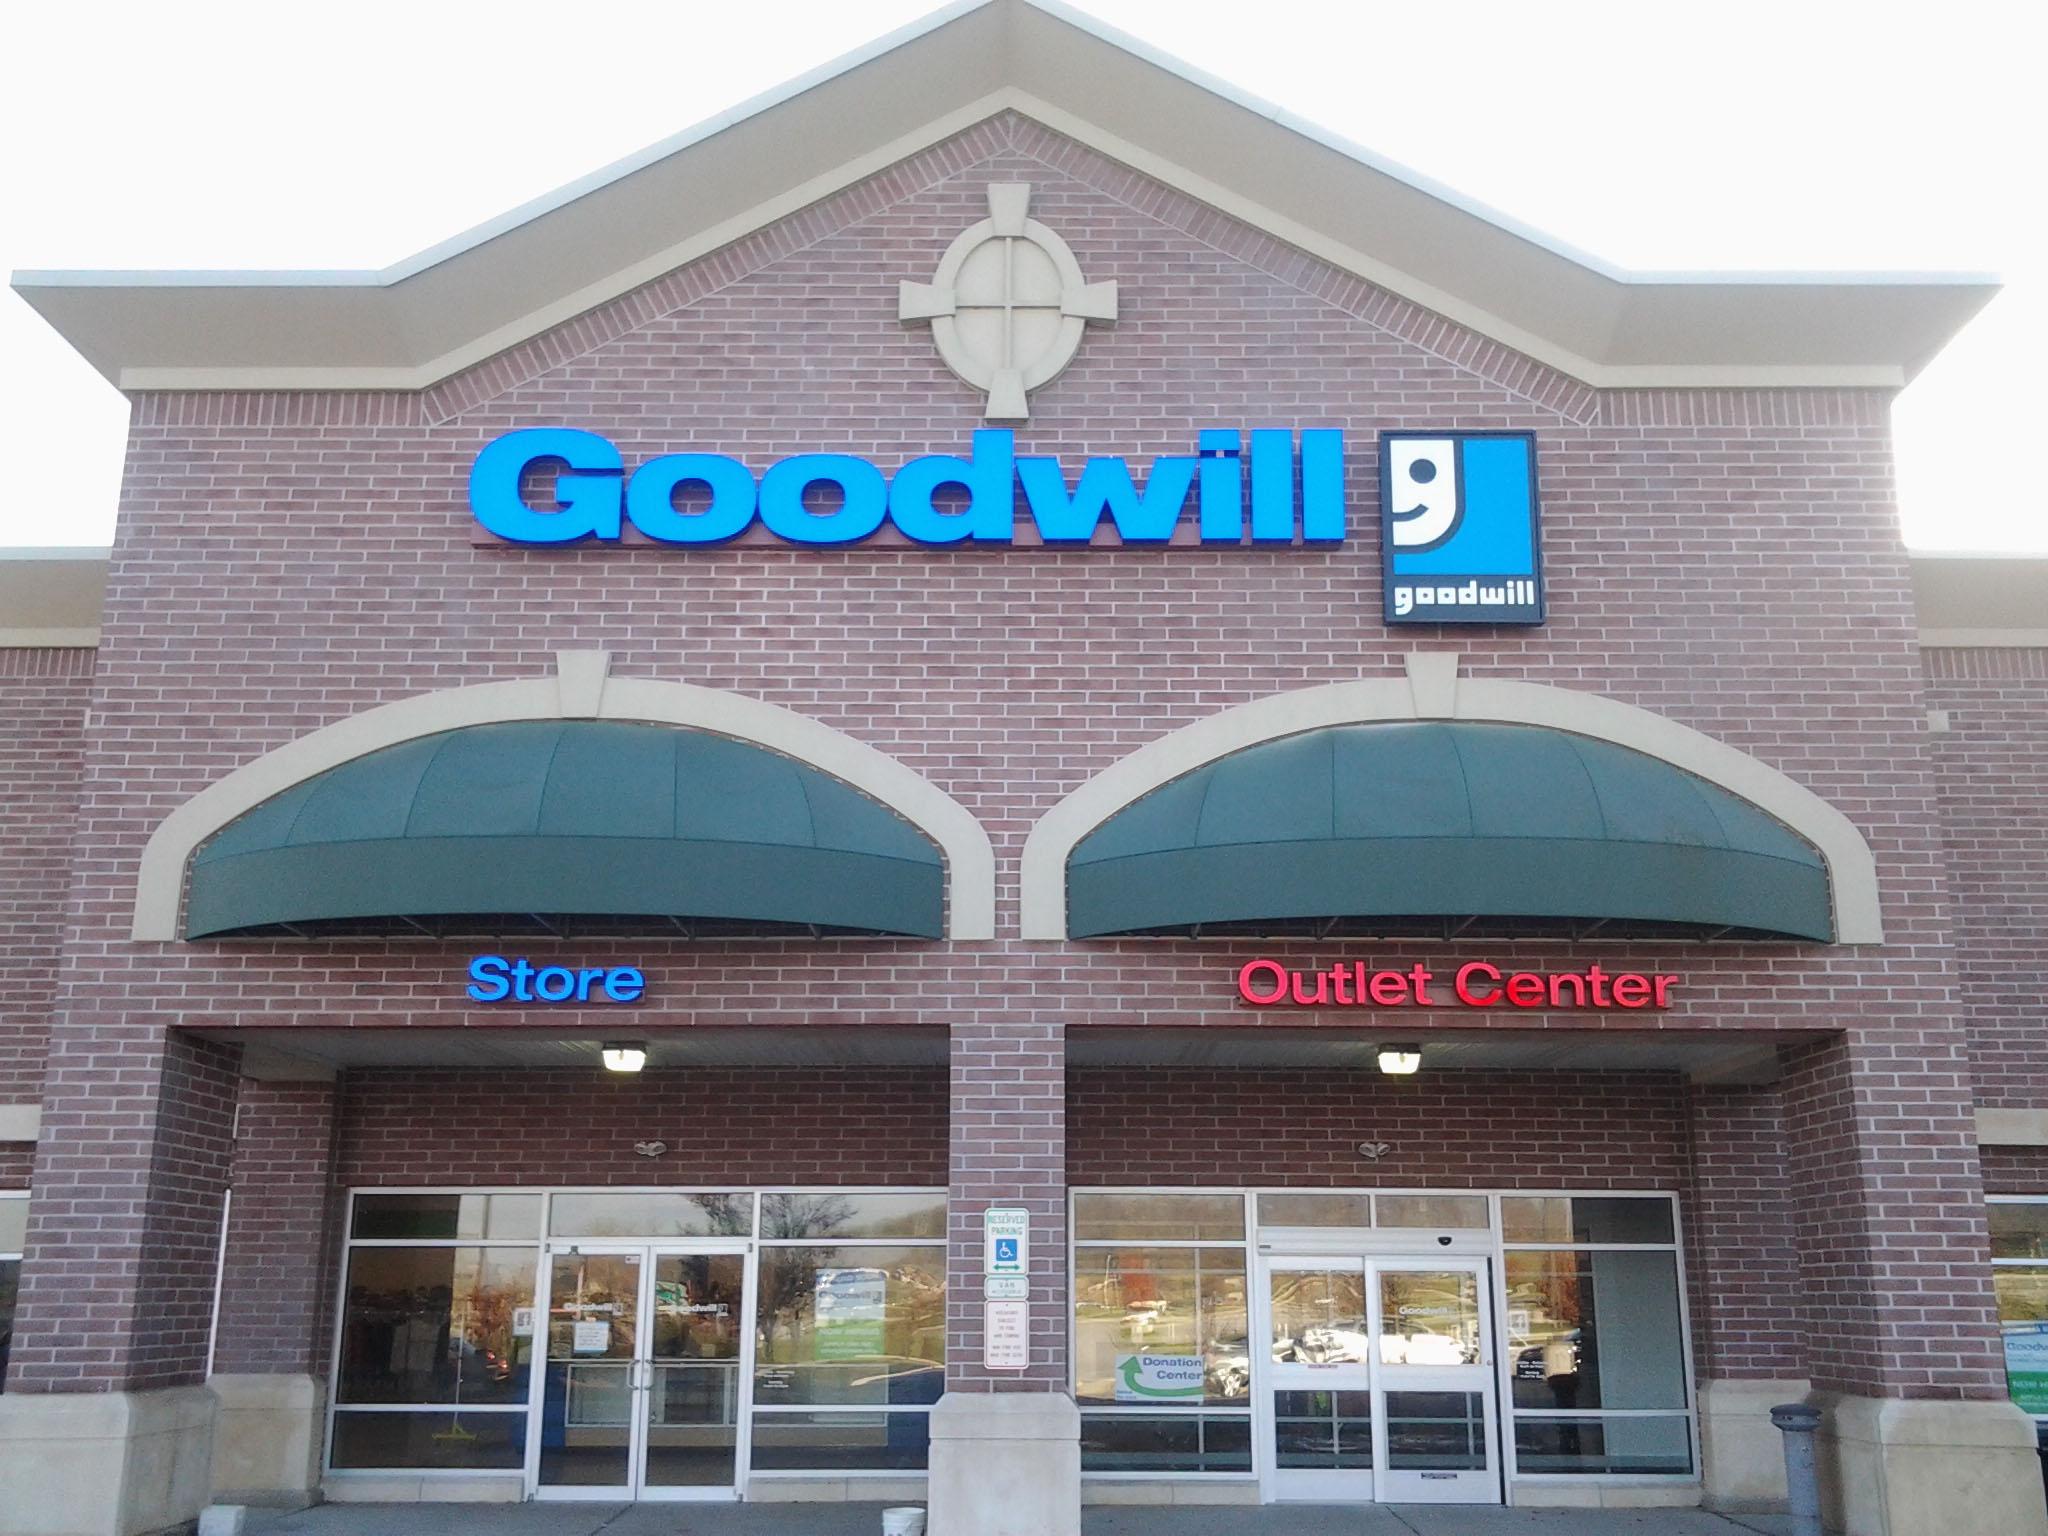 Goodwill Store Outlet Center Donation Center 571 Hepburn Rd